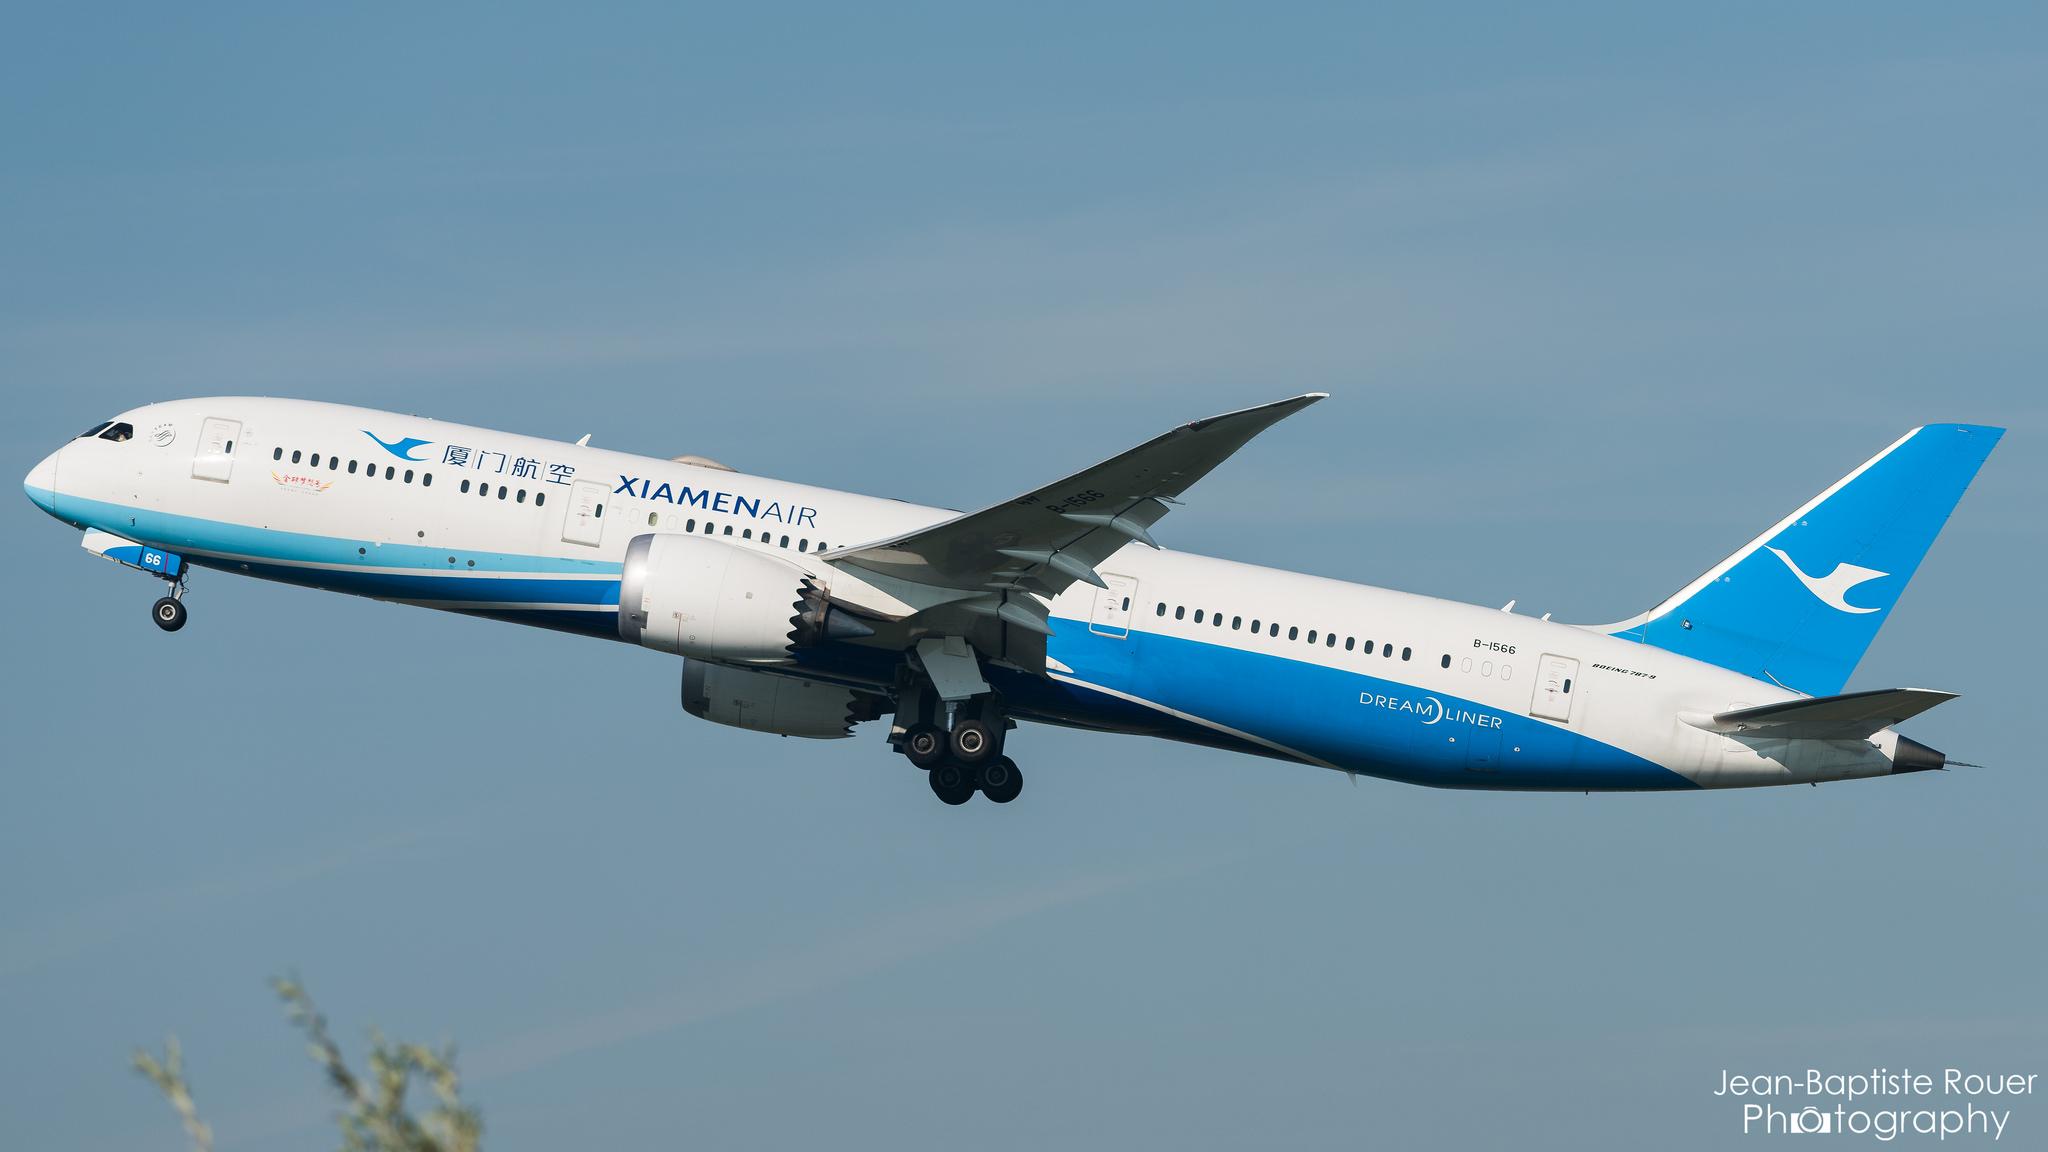 Boeing 787-9 Xiamen Air à Amsterdam